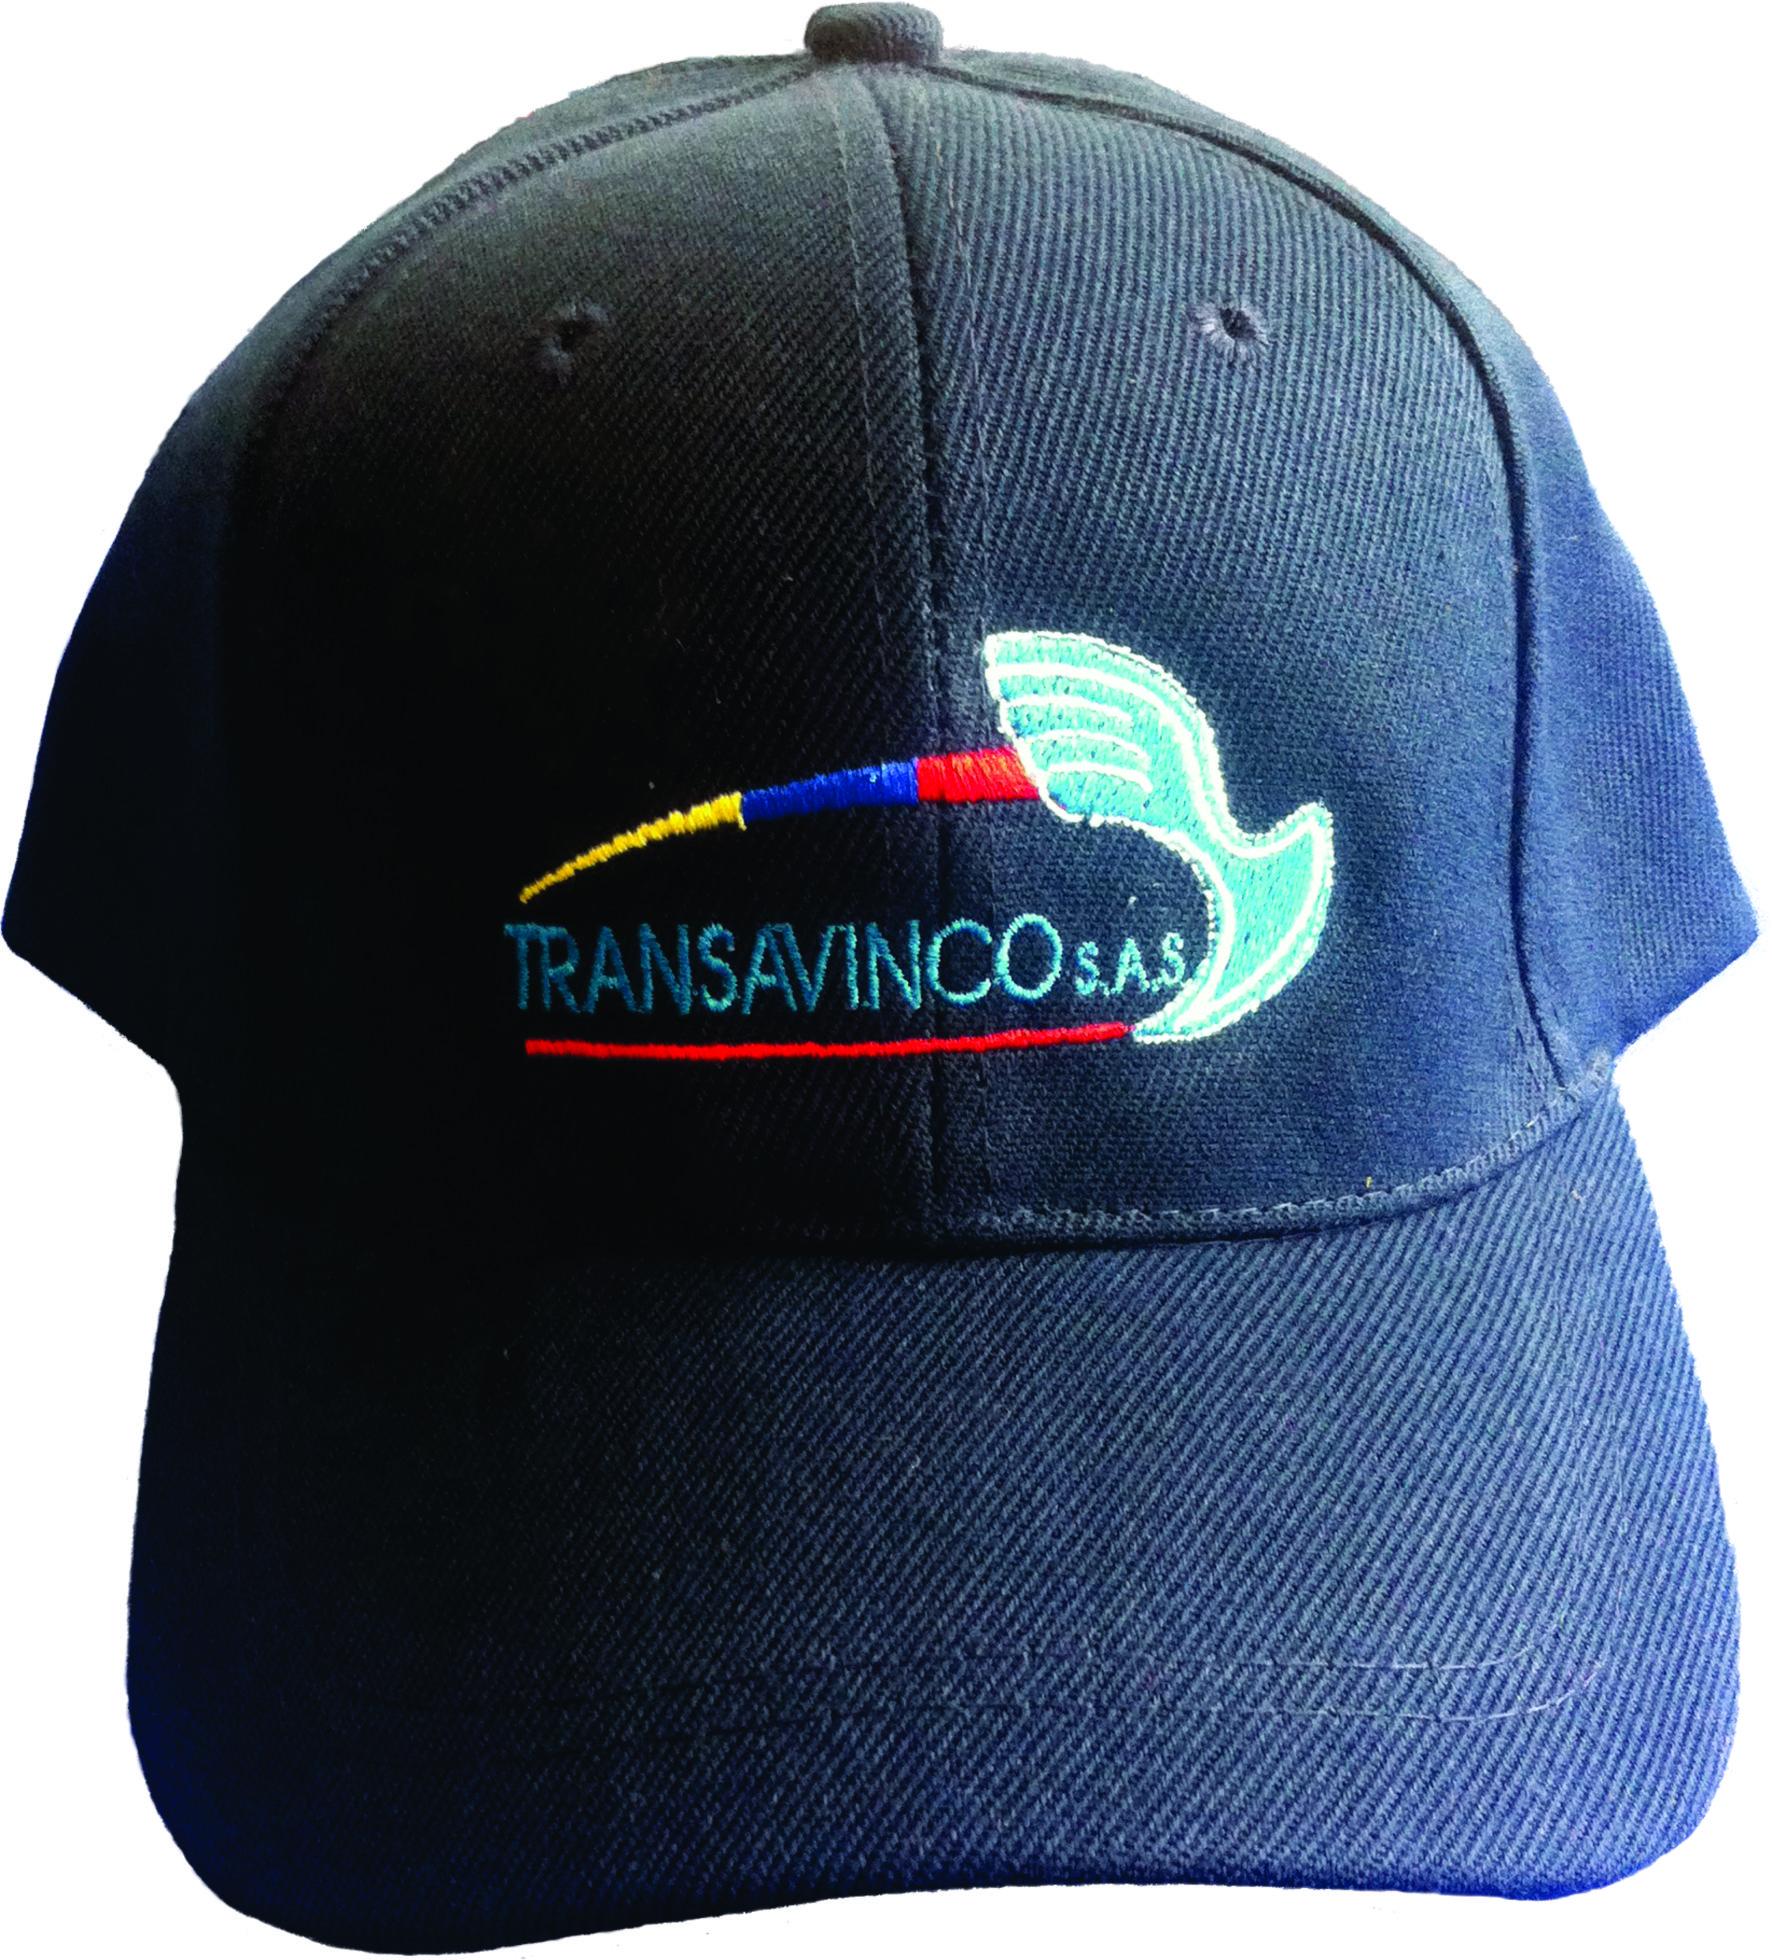 gorras para área operativa de   empresa de transporte con   bordado en  frente con el   logo de la   compañia . 4a166488e6c